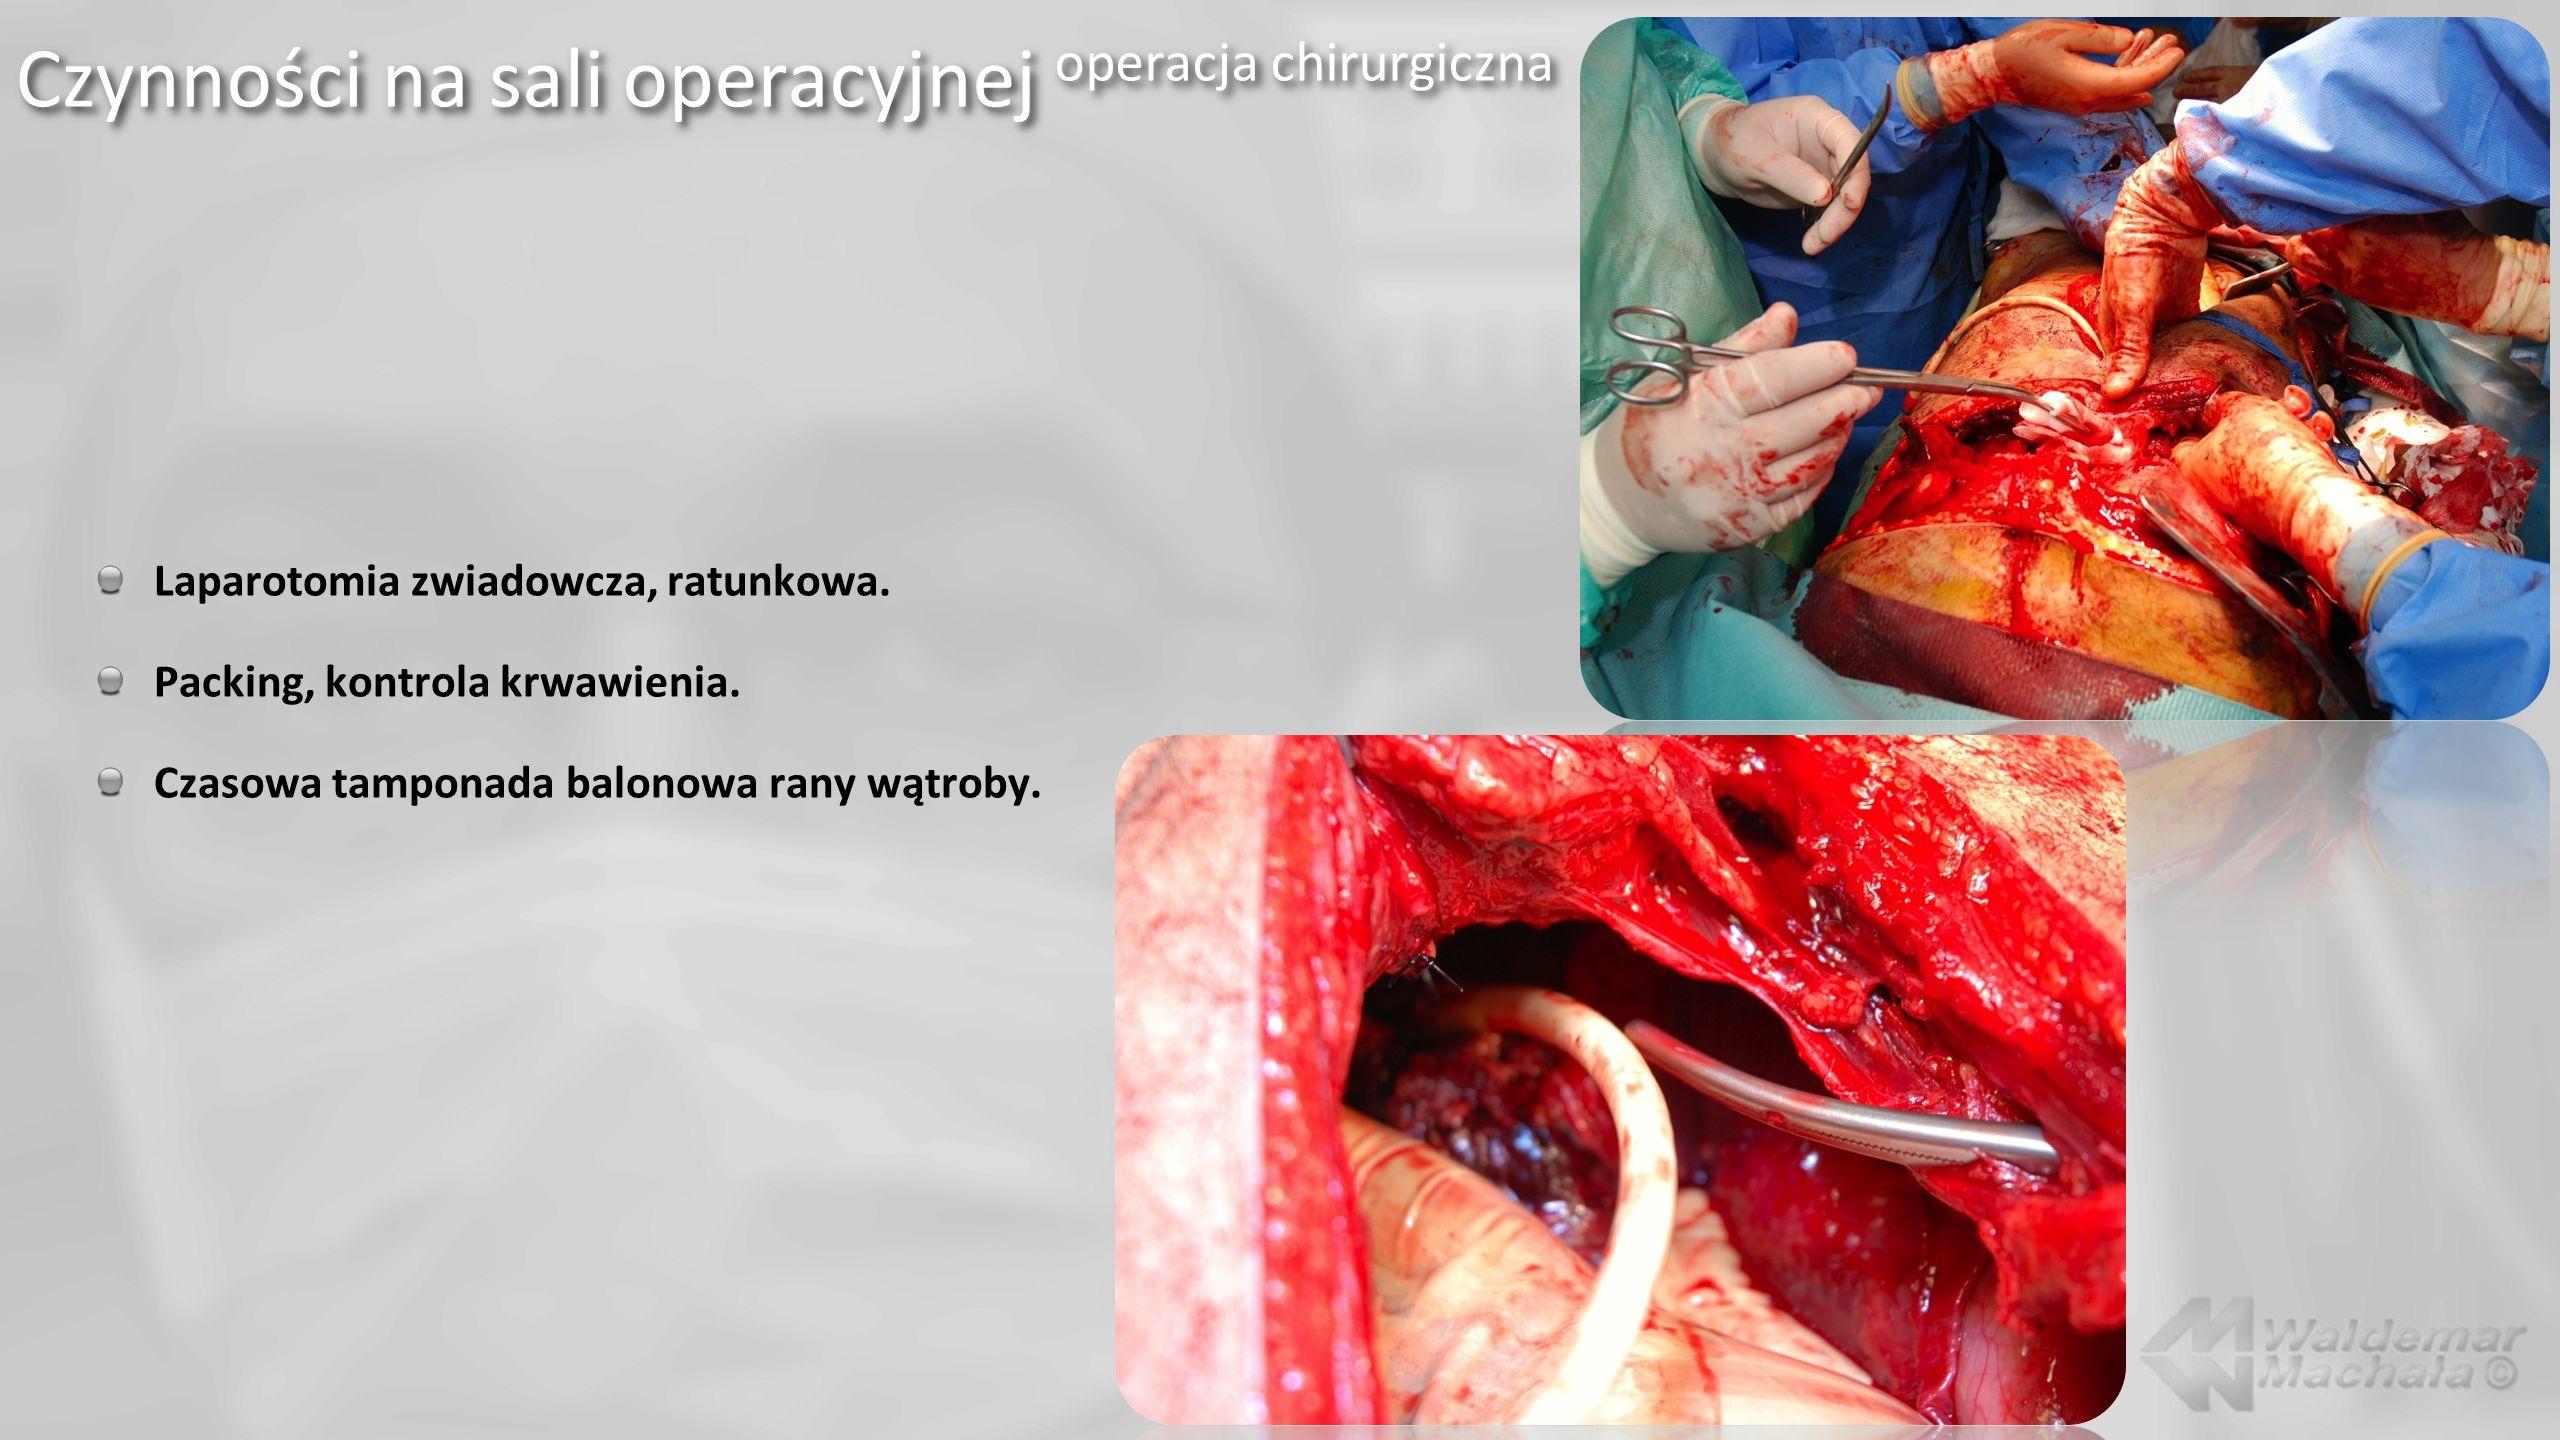 Laparotomia zwiadowcza, ratunkowa. Packing, kontrola krwawienia. Czasowa tamponada balonowa rany wątroby. Czynności na sali operacyjnej operacja chiru